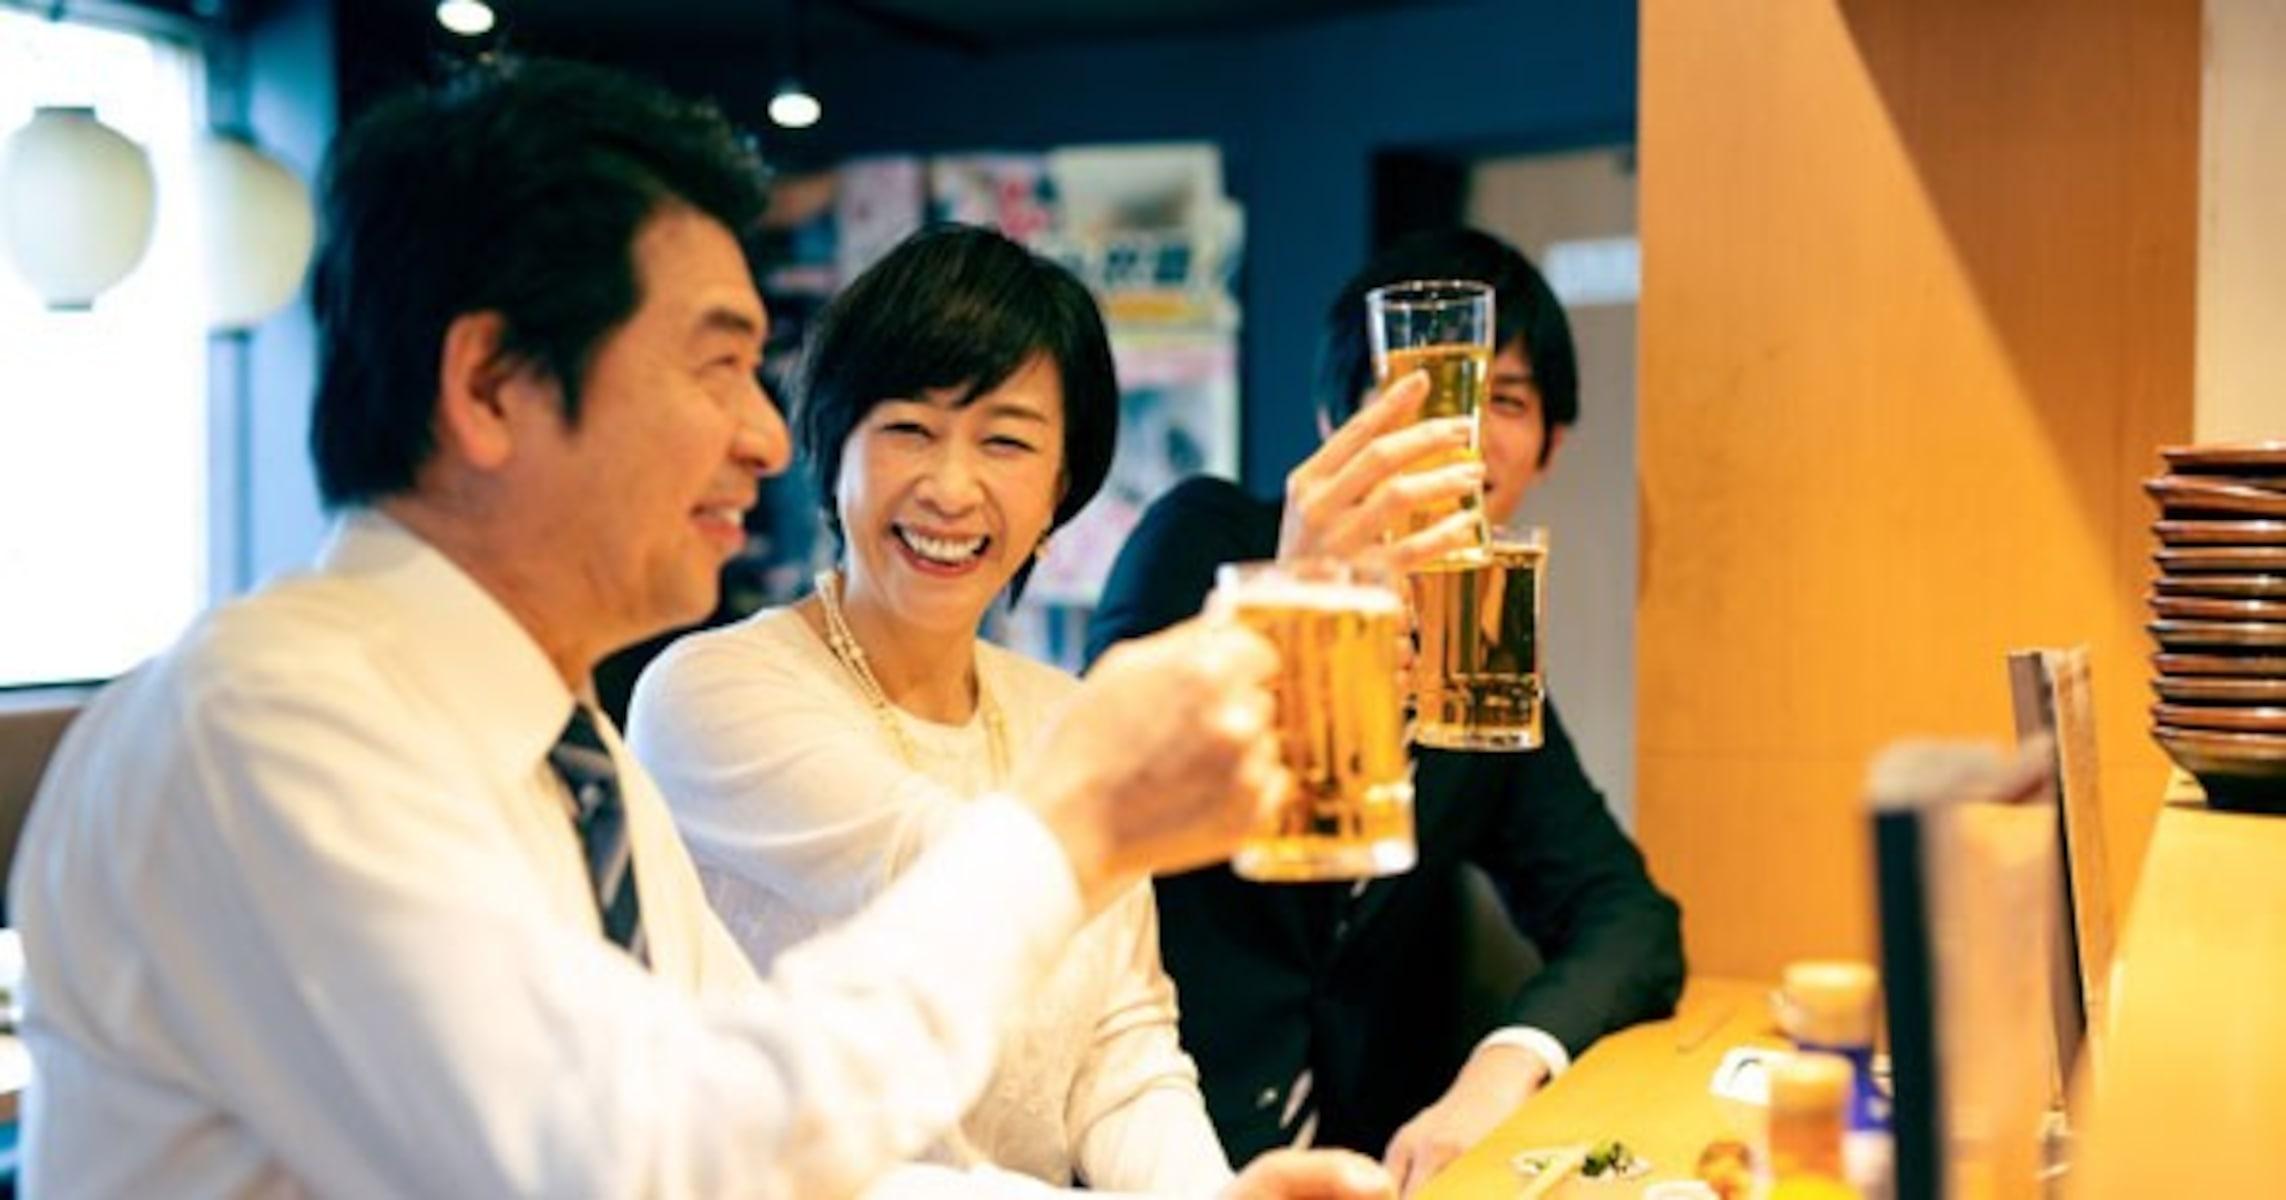 「ありがた迷惑」では…客同士に会話させる立ち飲み居酒屋はアリなのか?